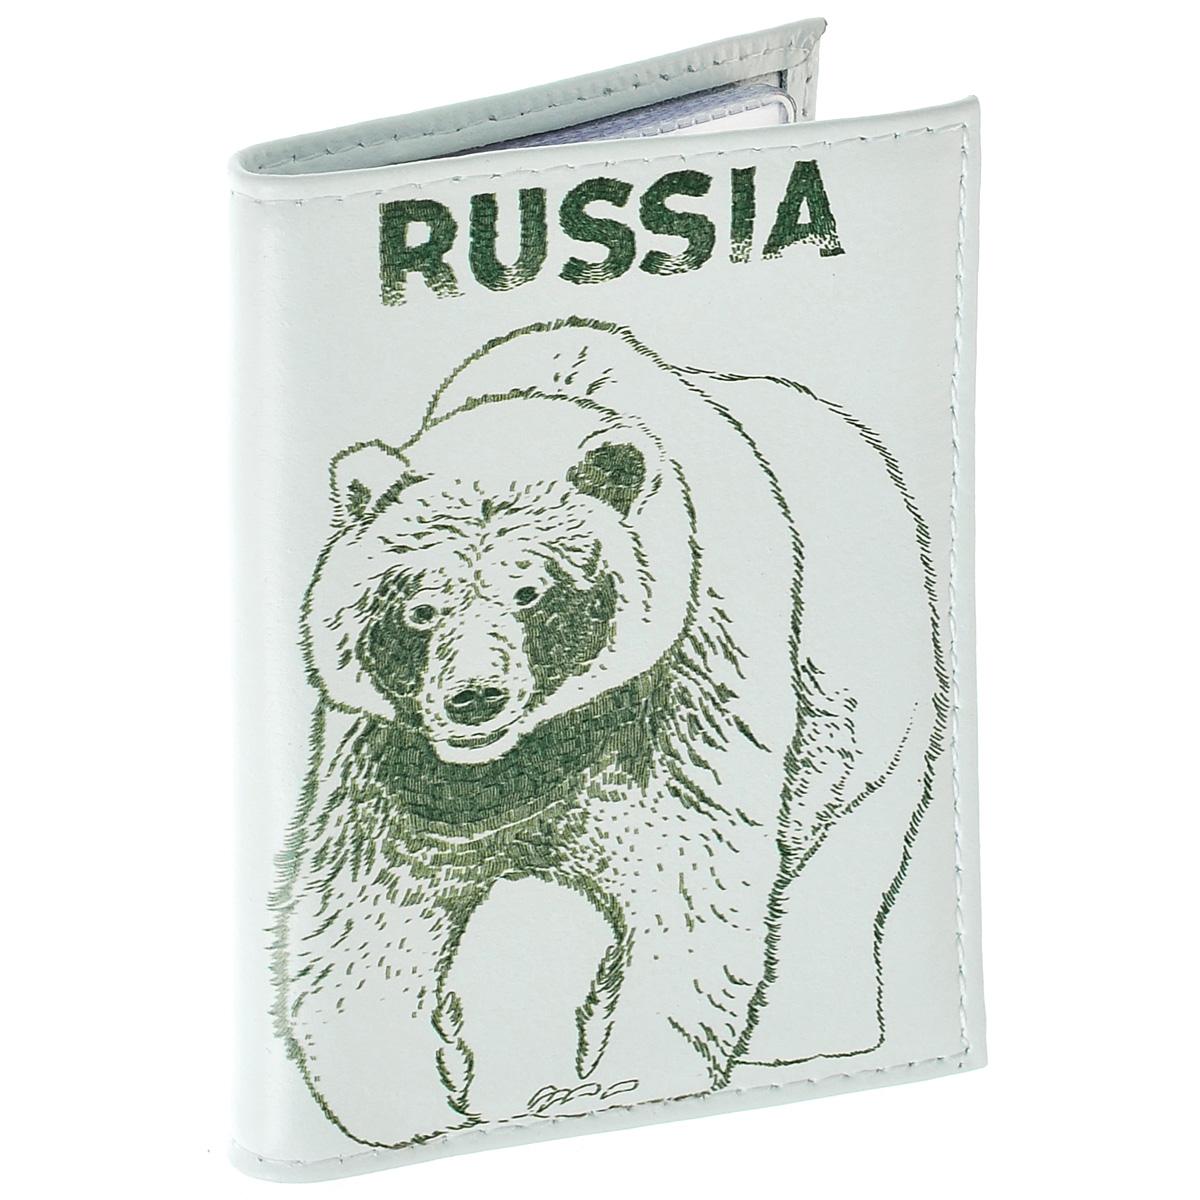 Визитница Медведь. VIZIT-225VIZIT-225Оригинальная визитница Mitya Veselkov Медведь прекрасно подойдет для хранения визиток и кредитных карт. Обложка выполнена из натуральной высококачественной кожи и оформлена изображением медведя и надписью Russia. Внутри содержится съемный блок из прозрачного мягкого пластика на 18 визиток и 2 прозрачных вертикальных кармана. Стильная визитница подчеркнет вашу индивидуальность и изысканный вкус, а также станет замечательным подарком человеку, ценящему качественные и практичные вещи.